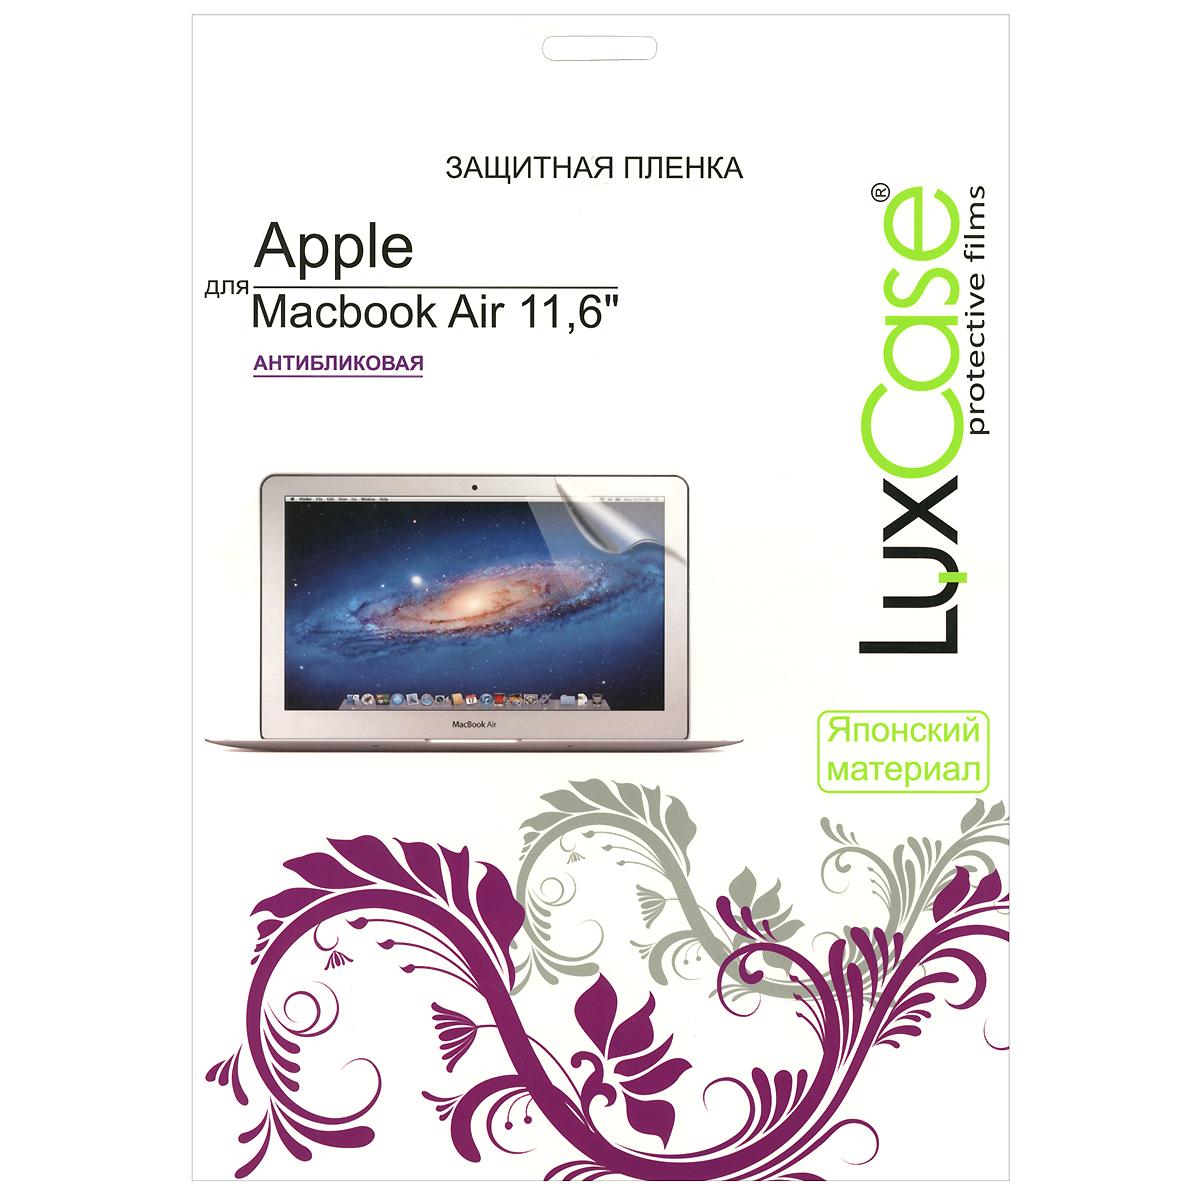 Luxcase защитная пленка для Apple Macbook Air 11,6, антибликовая80972Защитная пленка Luxcase для Apple Macbook Air 11,6 с антибликовым покрытием защитит экран вашего ноутбука от трещин, царапин и других неблагоприятных факторов.Благодаря использованию высококачественного японского материала пленка легко наклеивается, плотно прилегает, имеет высокую устойчивость к механическим воздействиям.